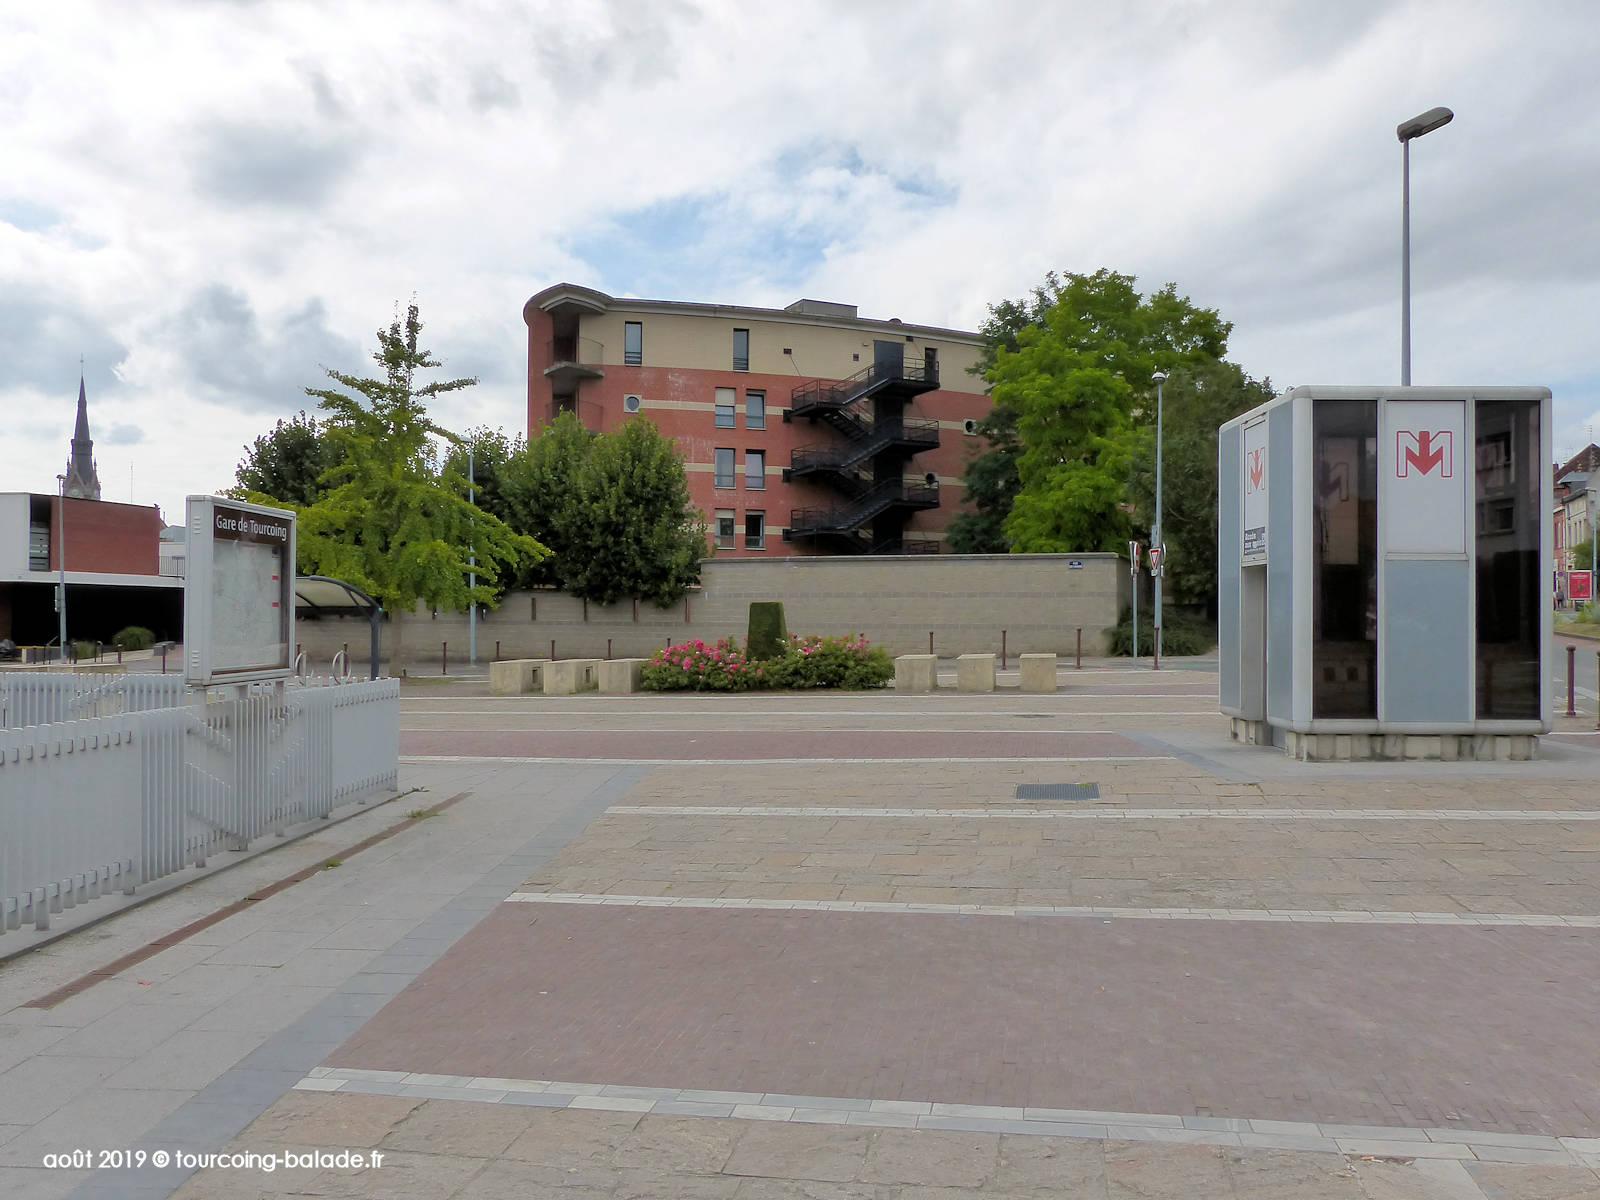 Métro Gare de Tourcoing, EHPAD Acacias